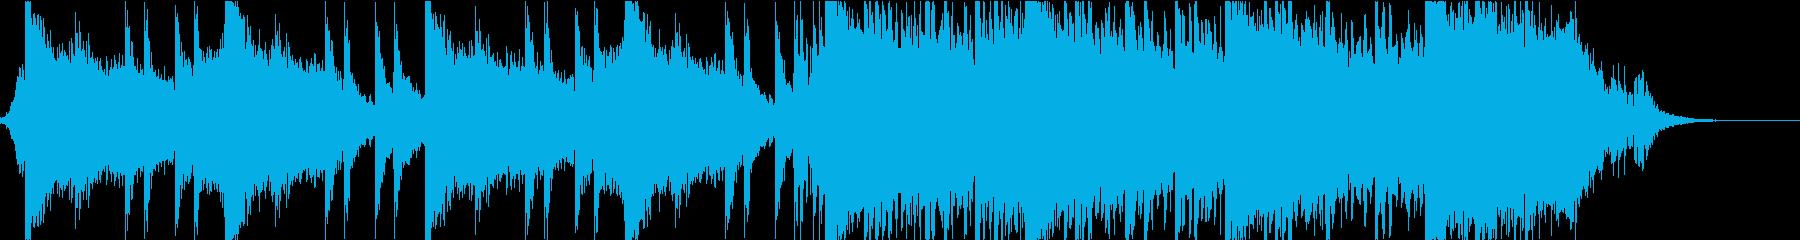 壮大 映画 イントロ EDMの再生済みの波形